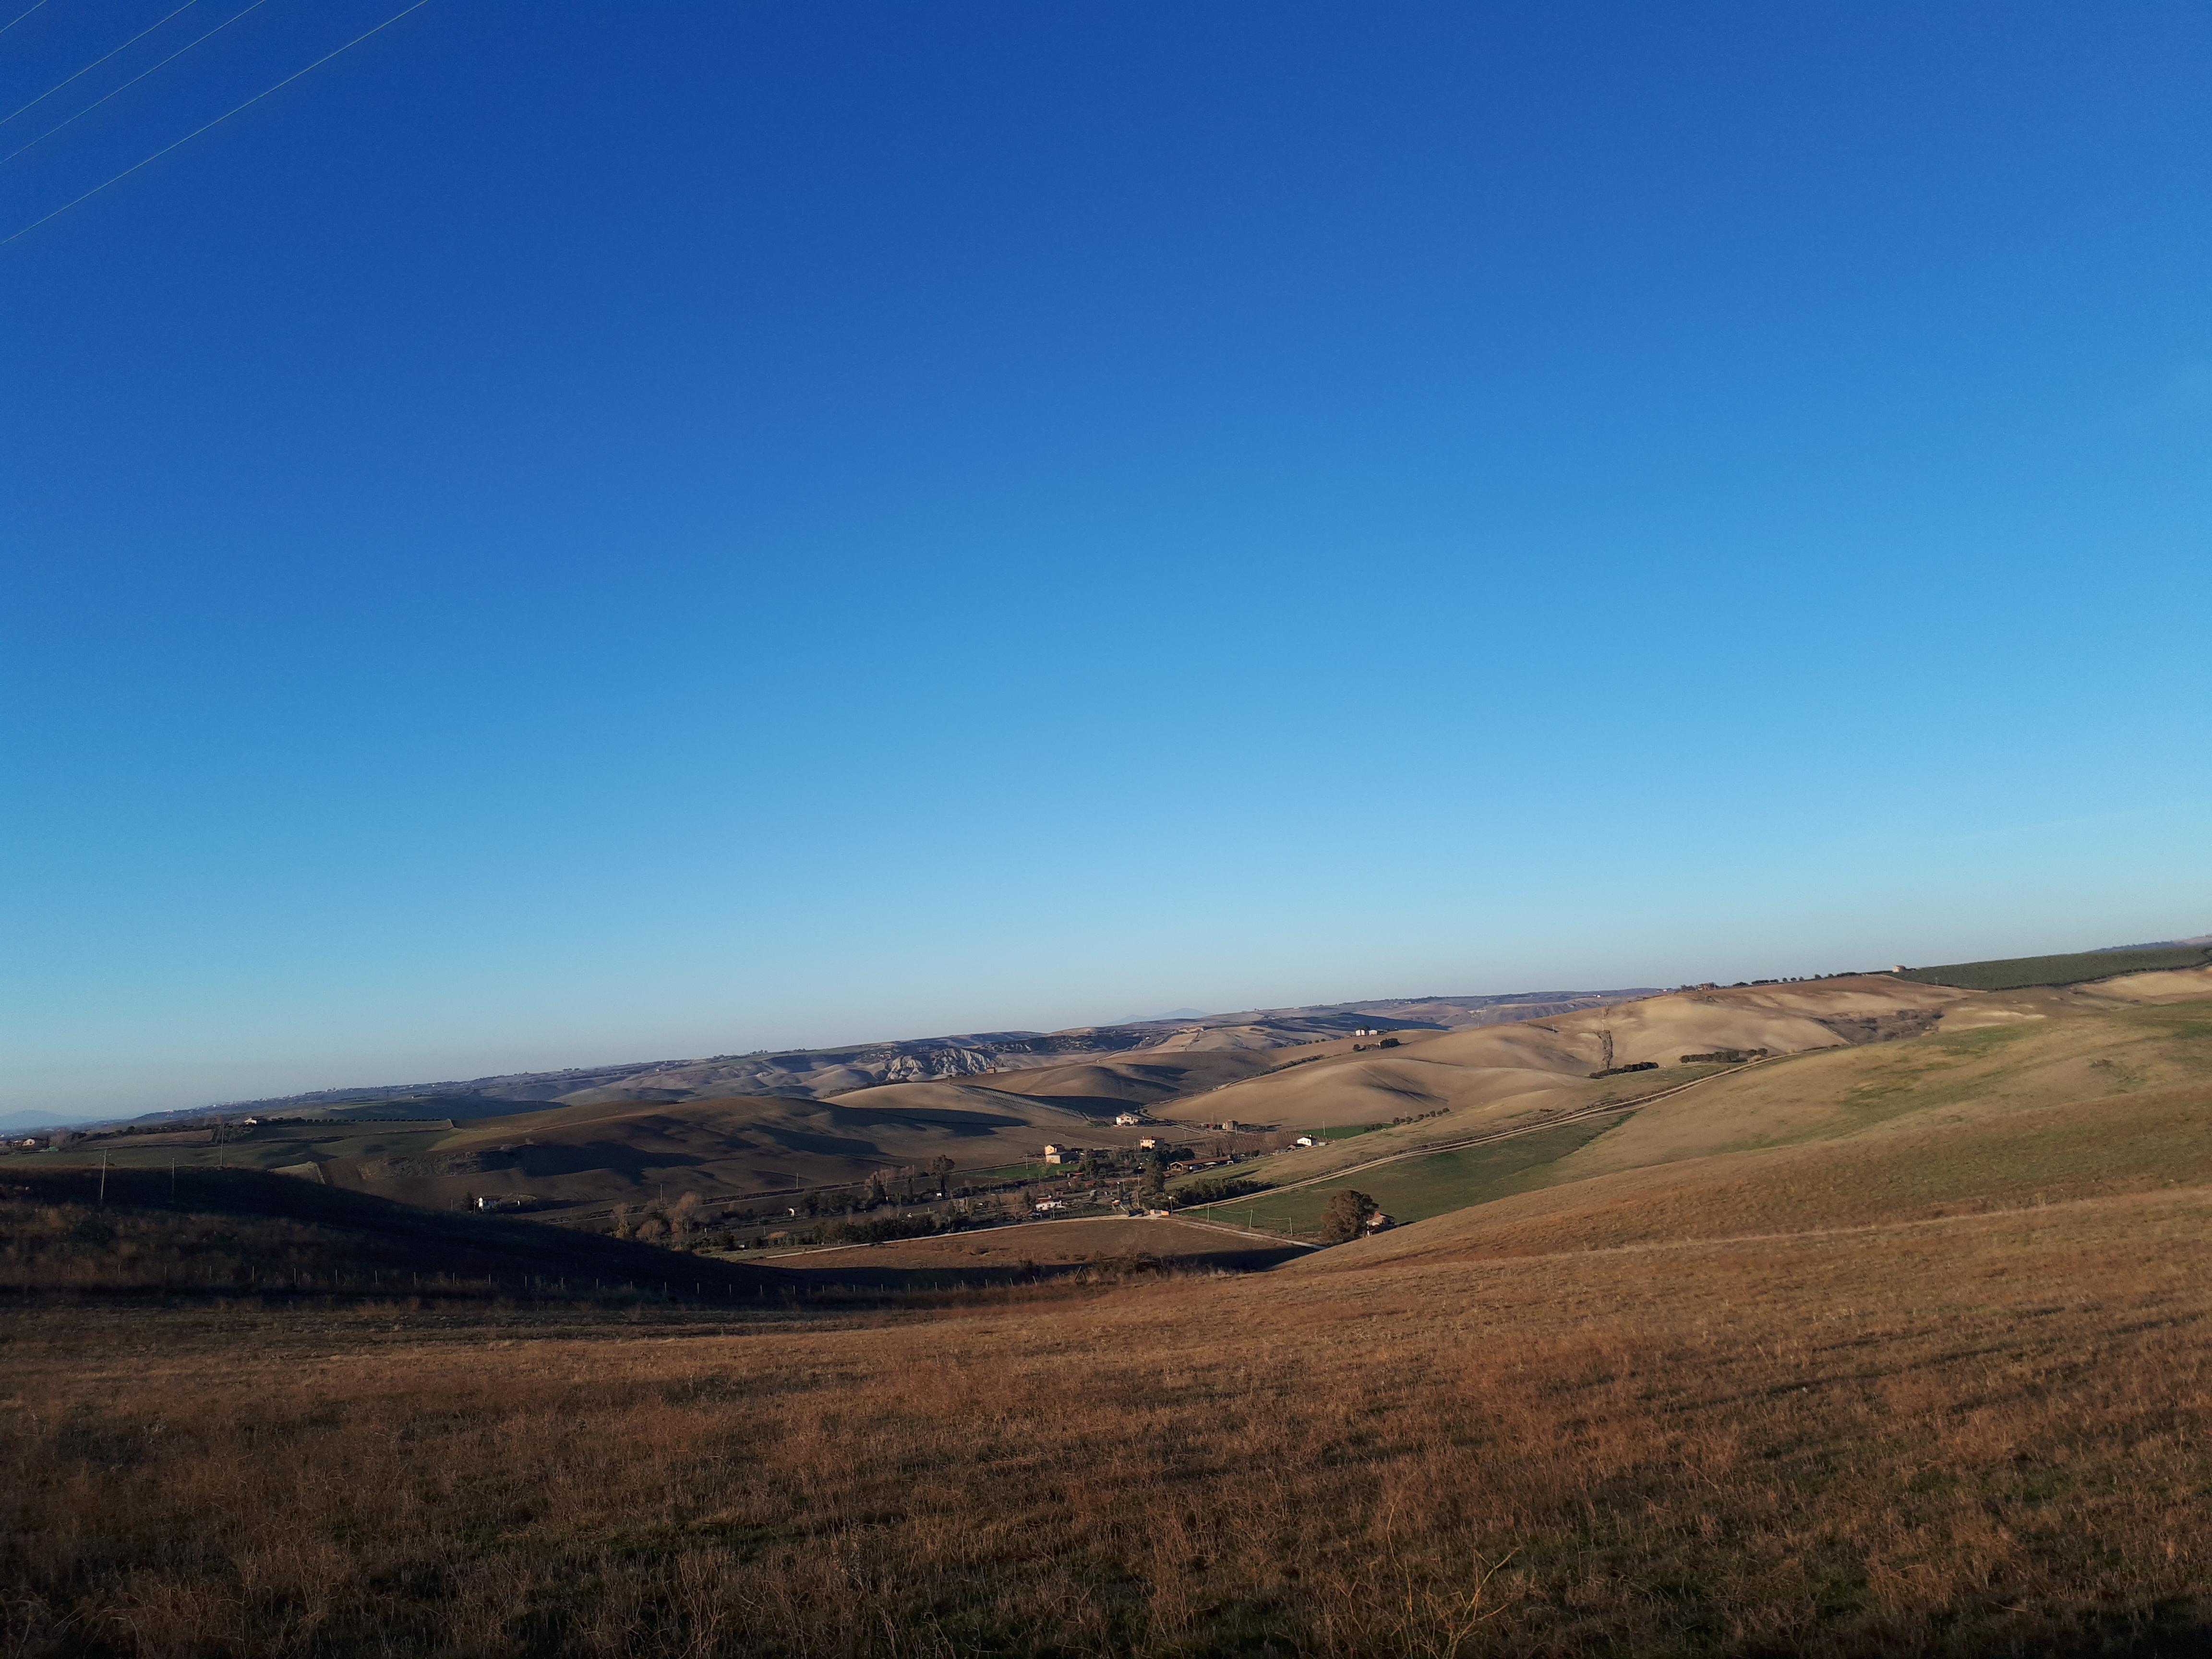 Orte-Civitavecchia, le associazioni ambientaliste ricorrono al T.A.R. per salvare la valle del Mignone